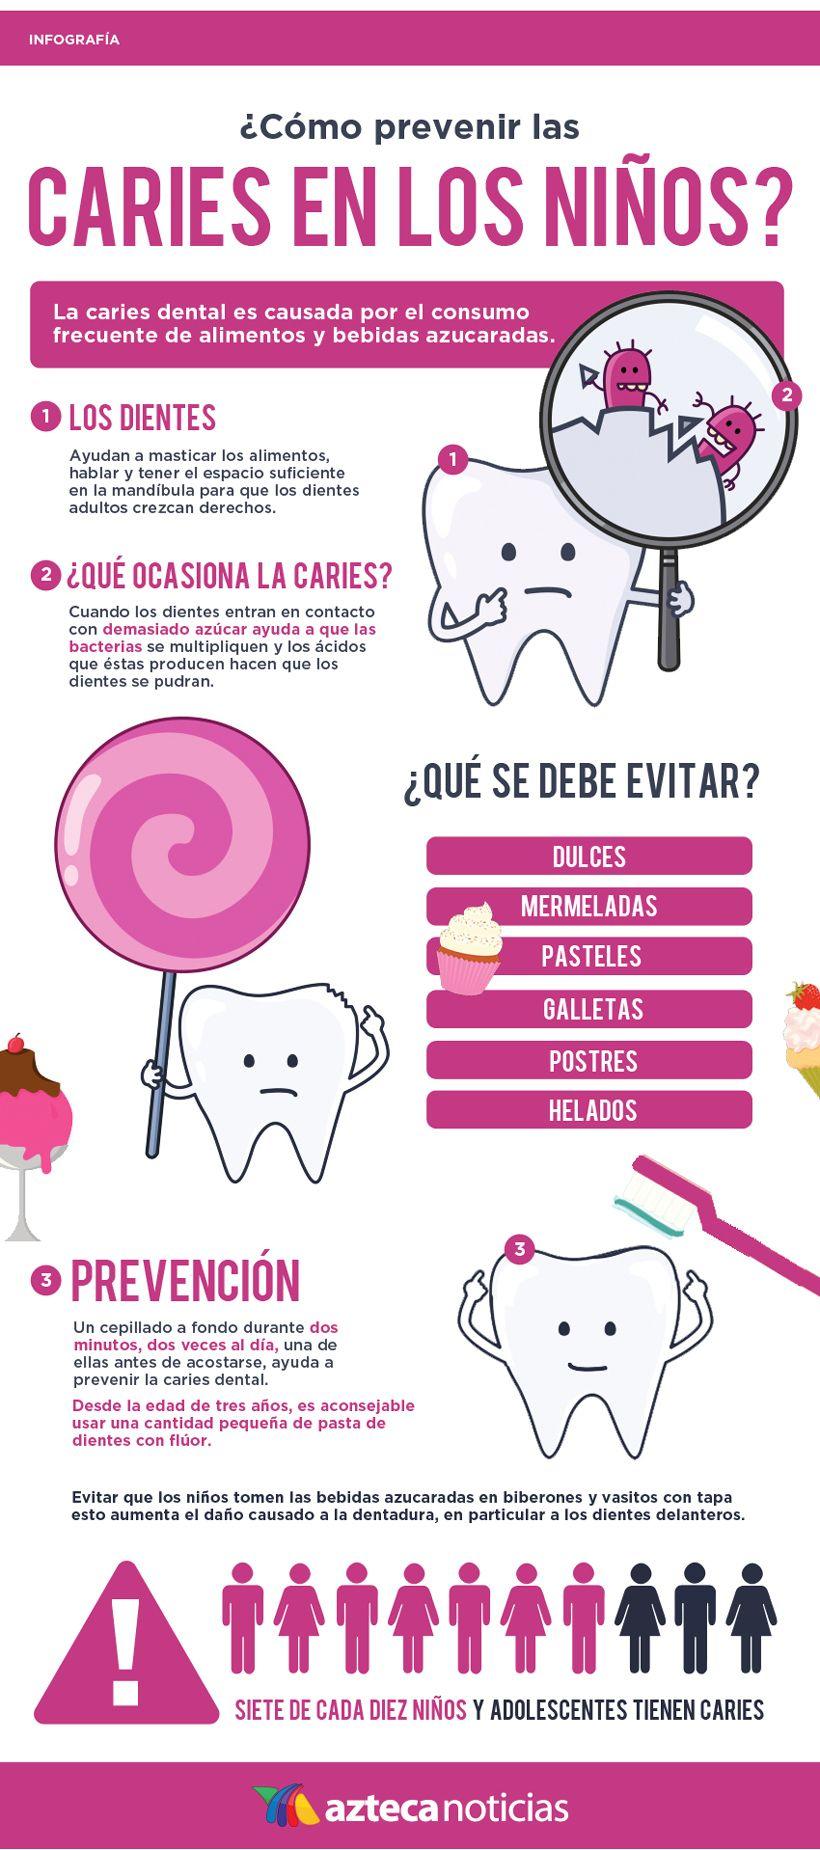 Cómo prevenir las caries en los niños  - Infografia - www  6dab176beffe